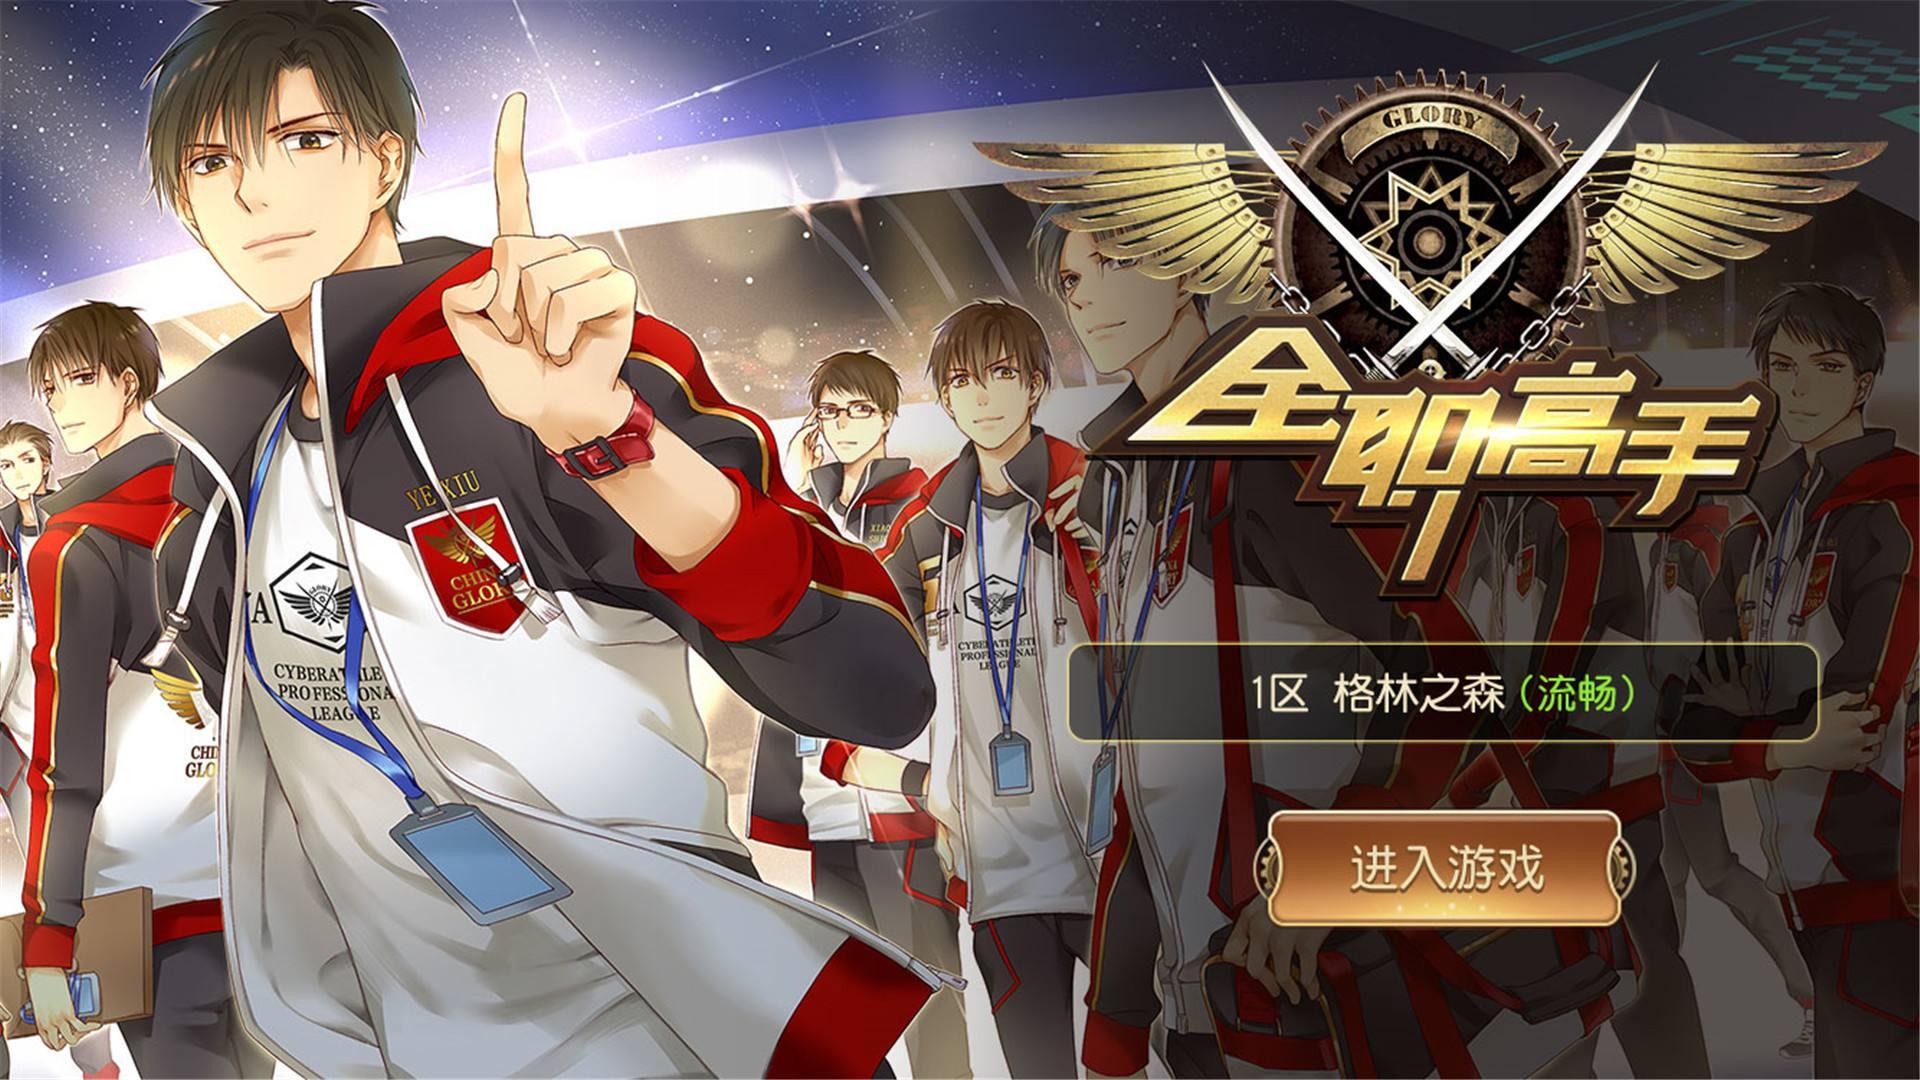 经典延续《全职高手》官方手游 天天模拟器11月3日首发